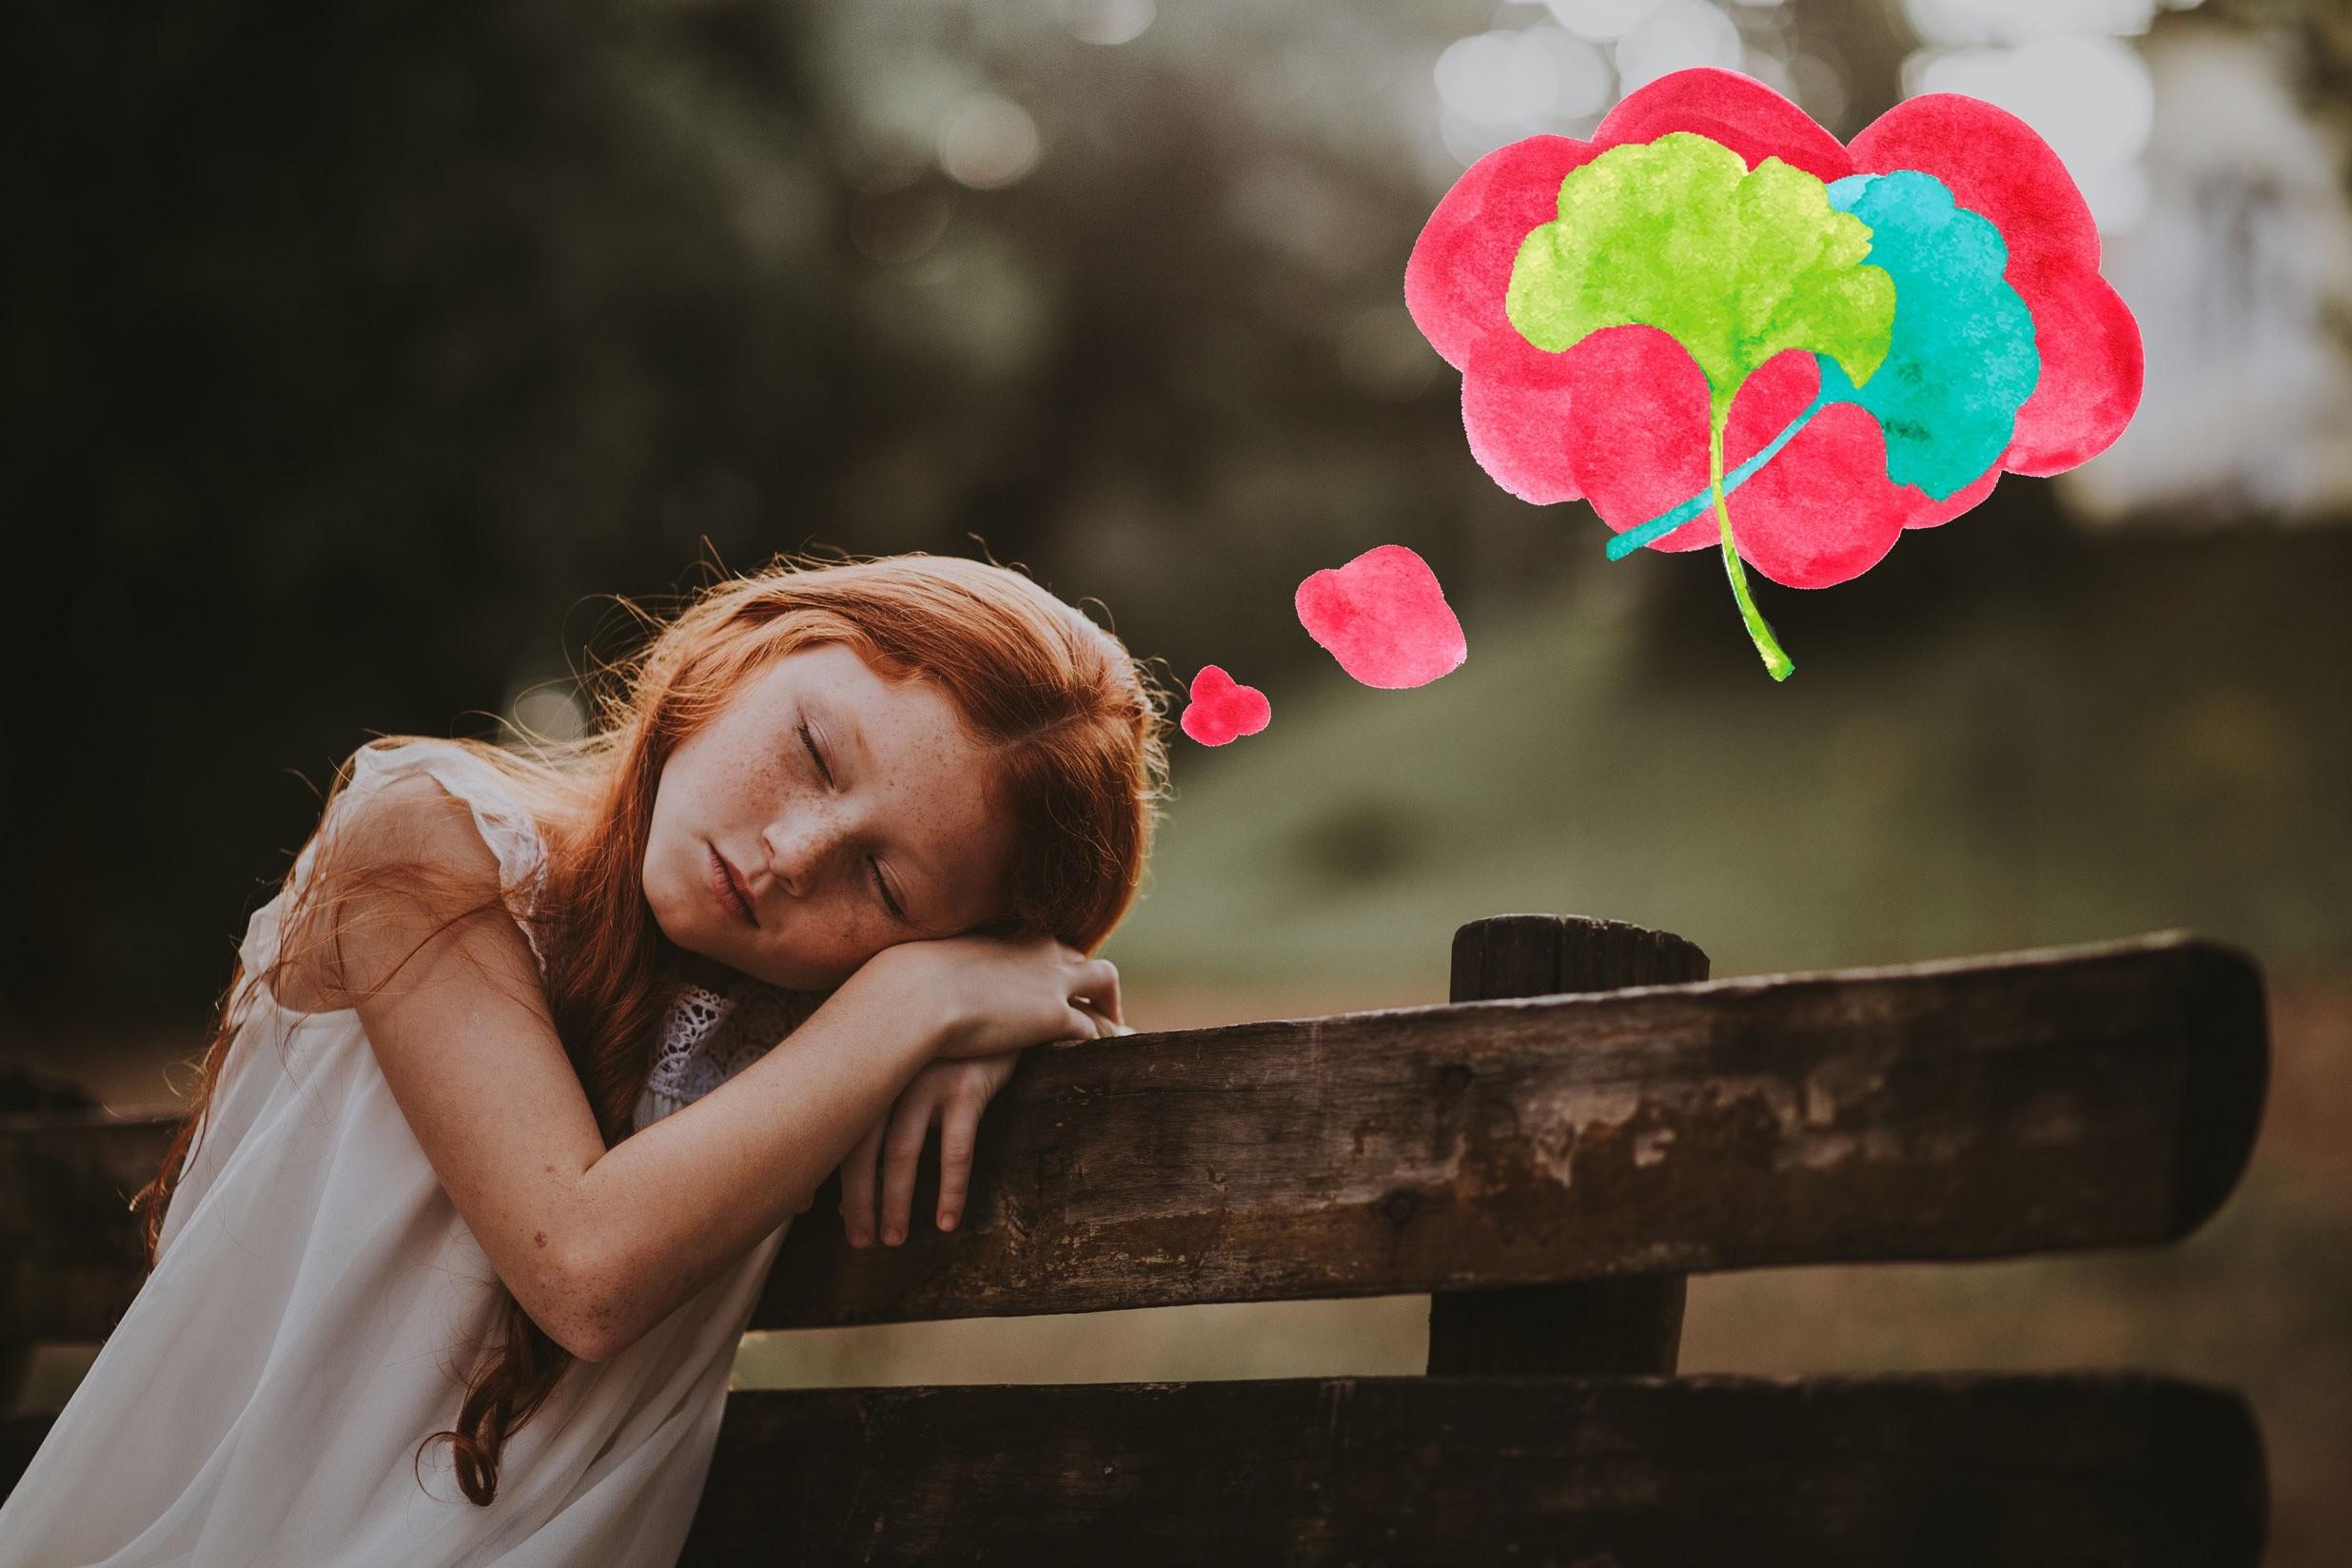 Как имя влияет на здоровье: 10 самых удачных имен для мальчиков и девочек